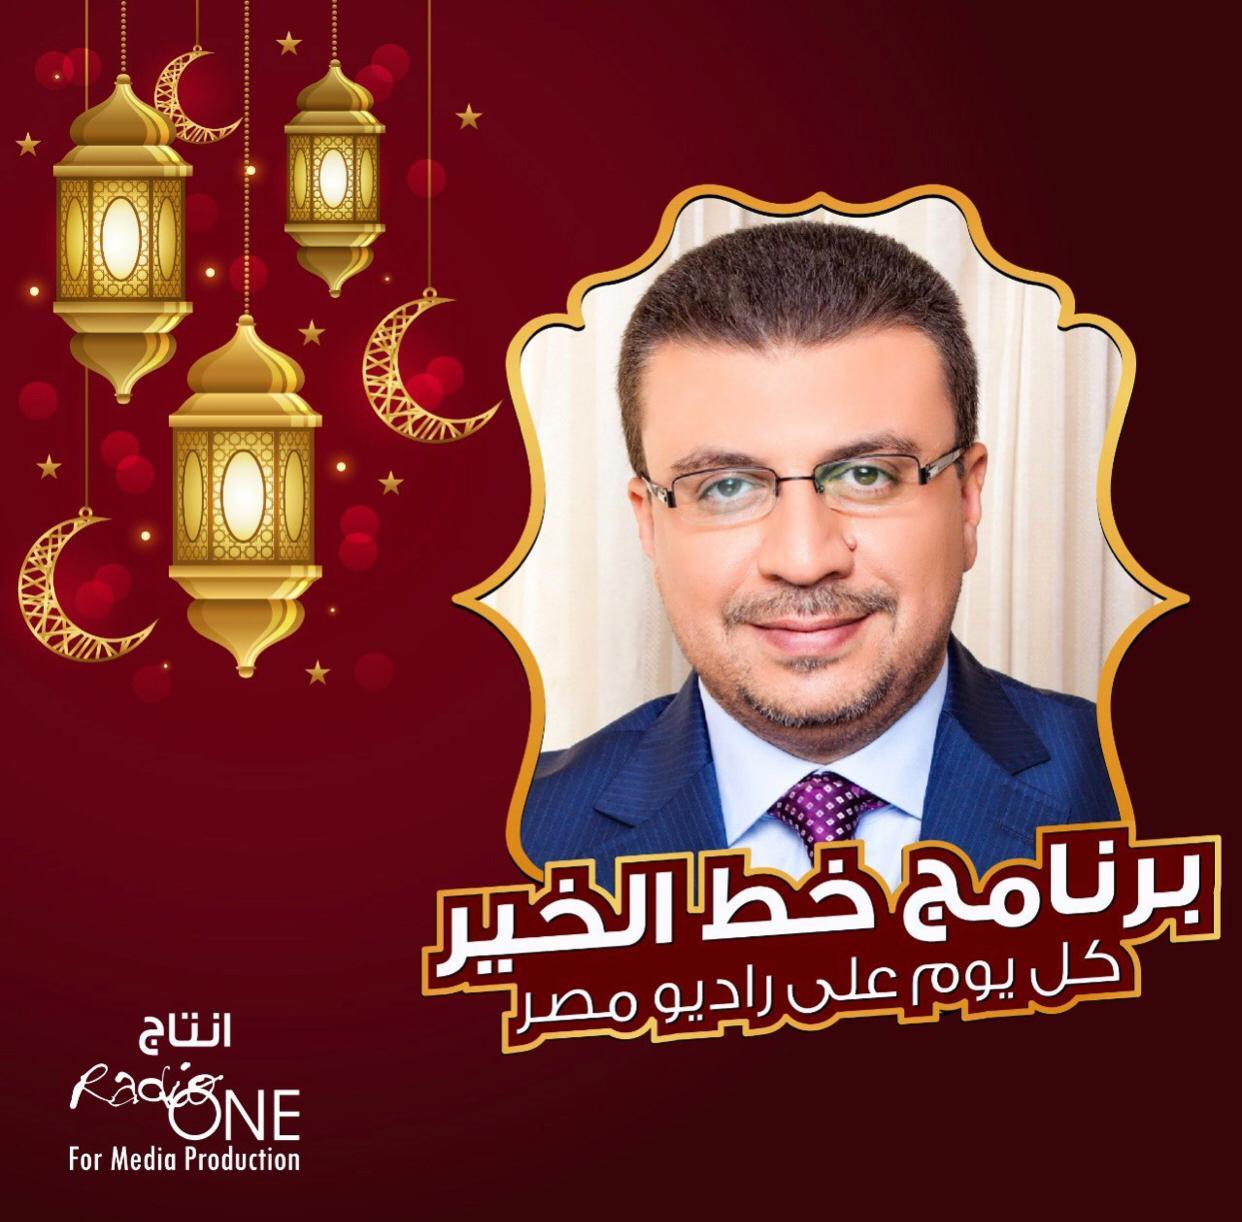 بعد نجاحه في الموسم الاول خط الخير لعمرو الليثي طوال شهر رمضان علي راديو مصر